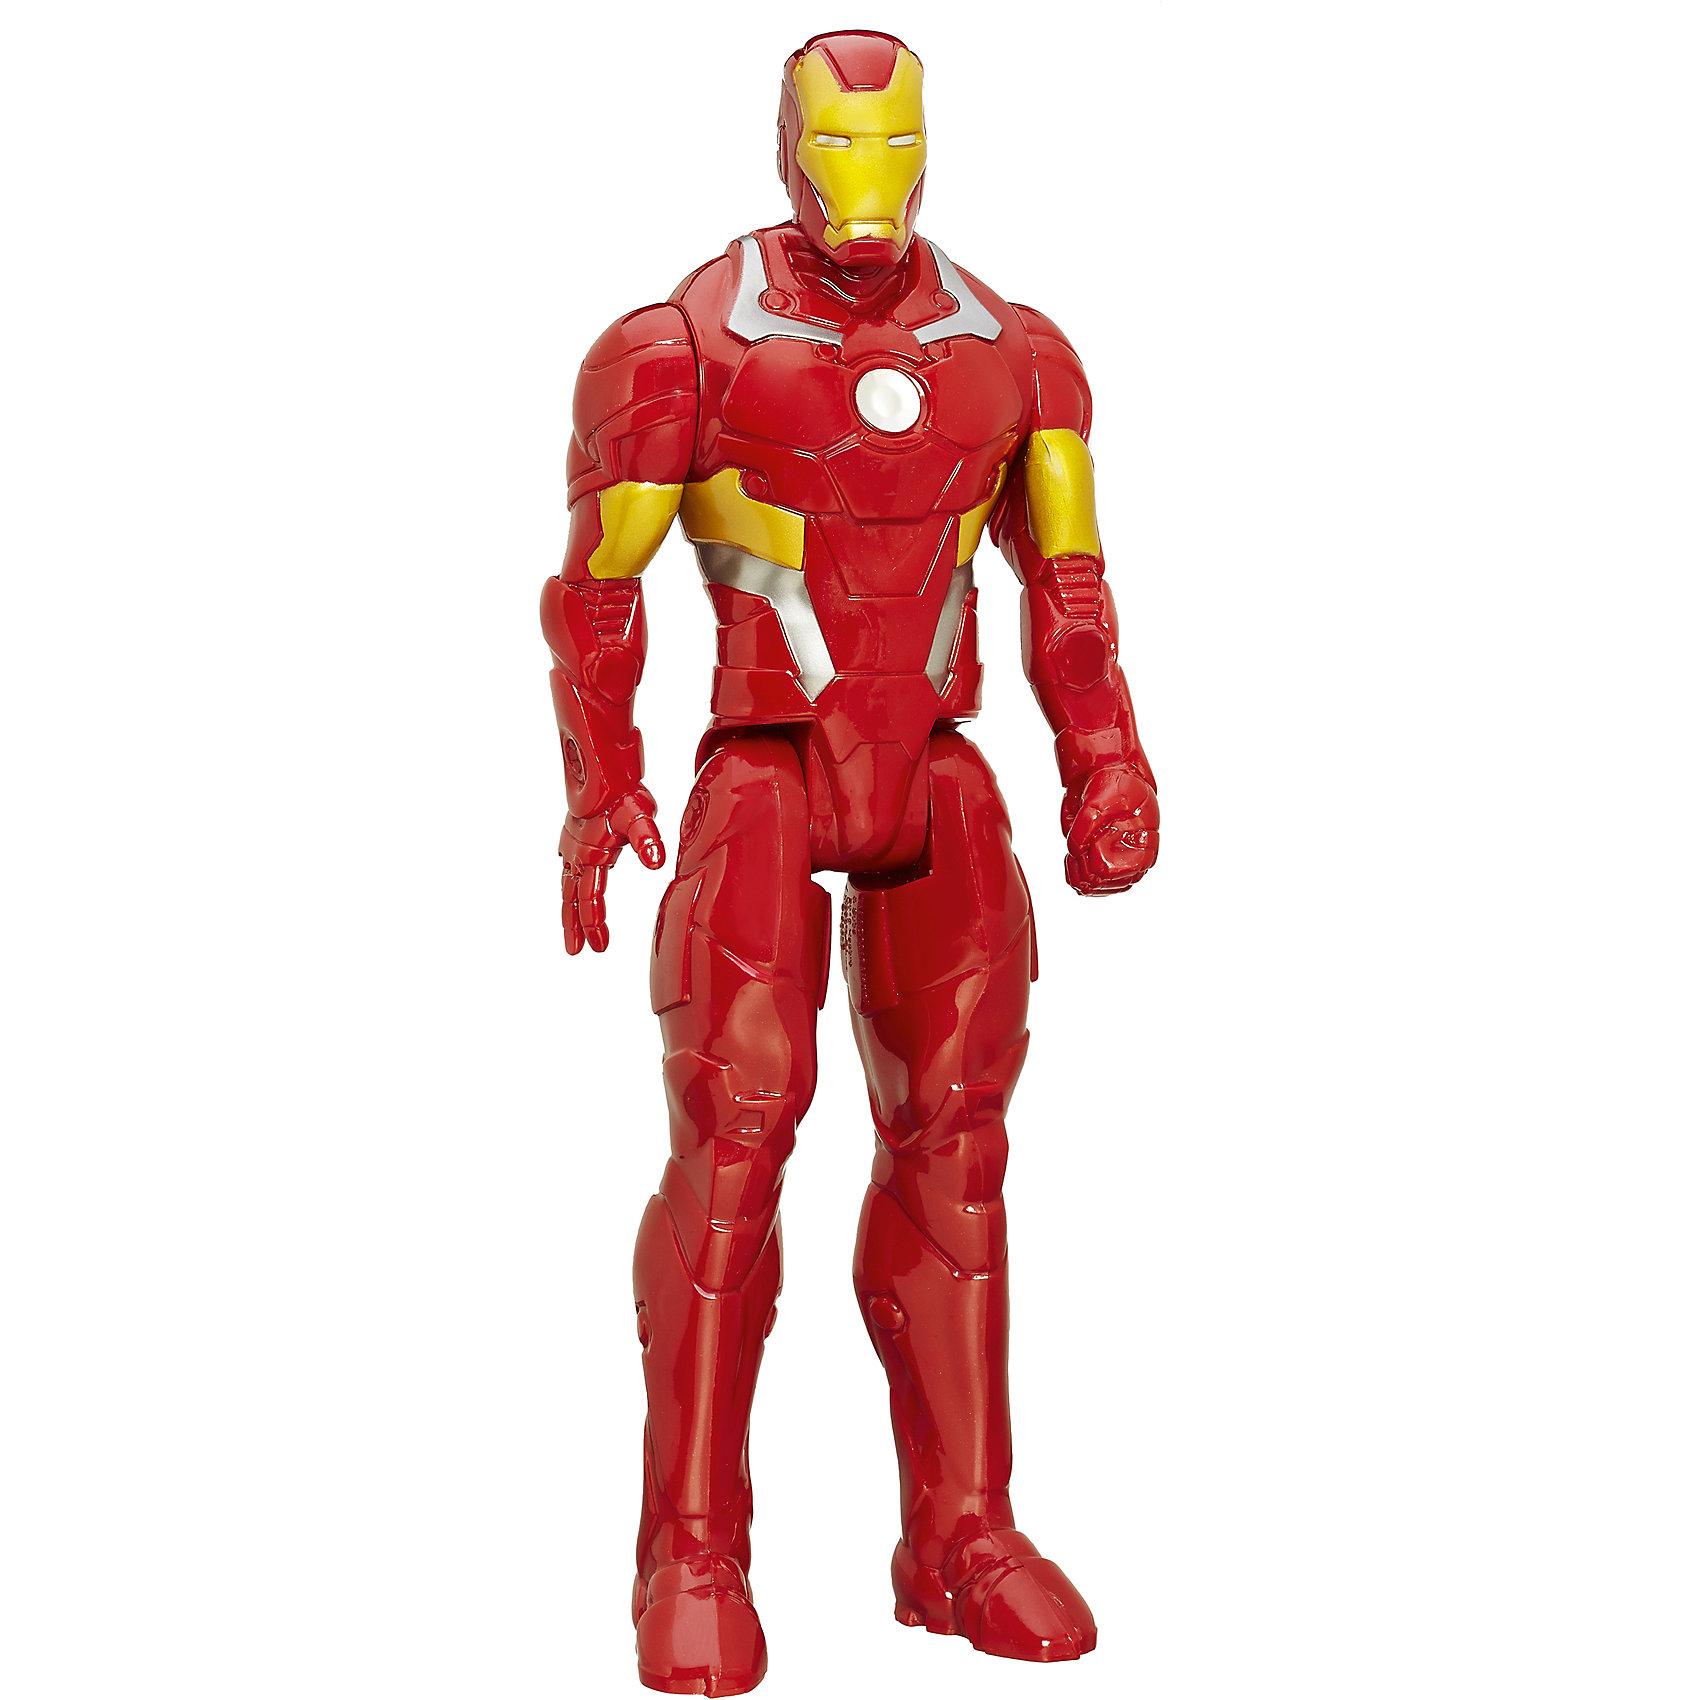 Фигурка Титаны, Мстители, B6660/B6552Игрушки<br>Фигурка Титаны, Мстители, B6660/B6552.<br><br>Характеристики:<br><br>- Высота фигурки: 30 см.<br>- Голова, руки, ноги подвижные<br>- Материал: пластик<br><br>Фигурка в виде Железного Человека станет приятным сюрпризом для вашего ребенка, особенно если он является поклонником популярных комиксов и фильмов о супергероях Мстители (Avengers). Фигурка имеет множество точек артикуляции, что позволяет ей приобретать самые реалистичные позы. Она выполнена из высококачественного пластика, прекрасно детализирована и реалистично раскрашена. Собери все фигурки титанов и погрузись в увлекательную игру вместе с любимыми героями!<br><br>Фигурку Титаны, Мстители, B6660/B6552 можно купить в нашем интернет-магазине.<br><br>Ширина мм: 306<br>Глубина мм: 104<br>Высота мм: 55<br>Вес г: 258<br>Возраст от месяцев: 48<br>Возраст до месяцев: 96<br>Пол: Мужской<br>Возраст: Детский<br>SKU: 4803333